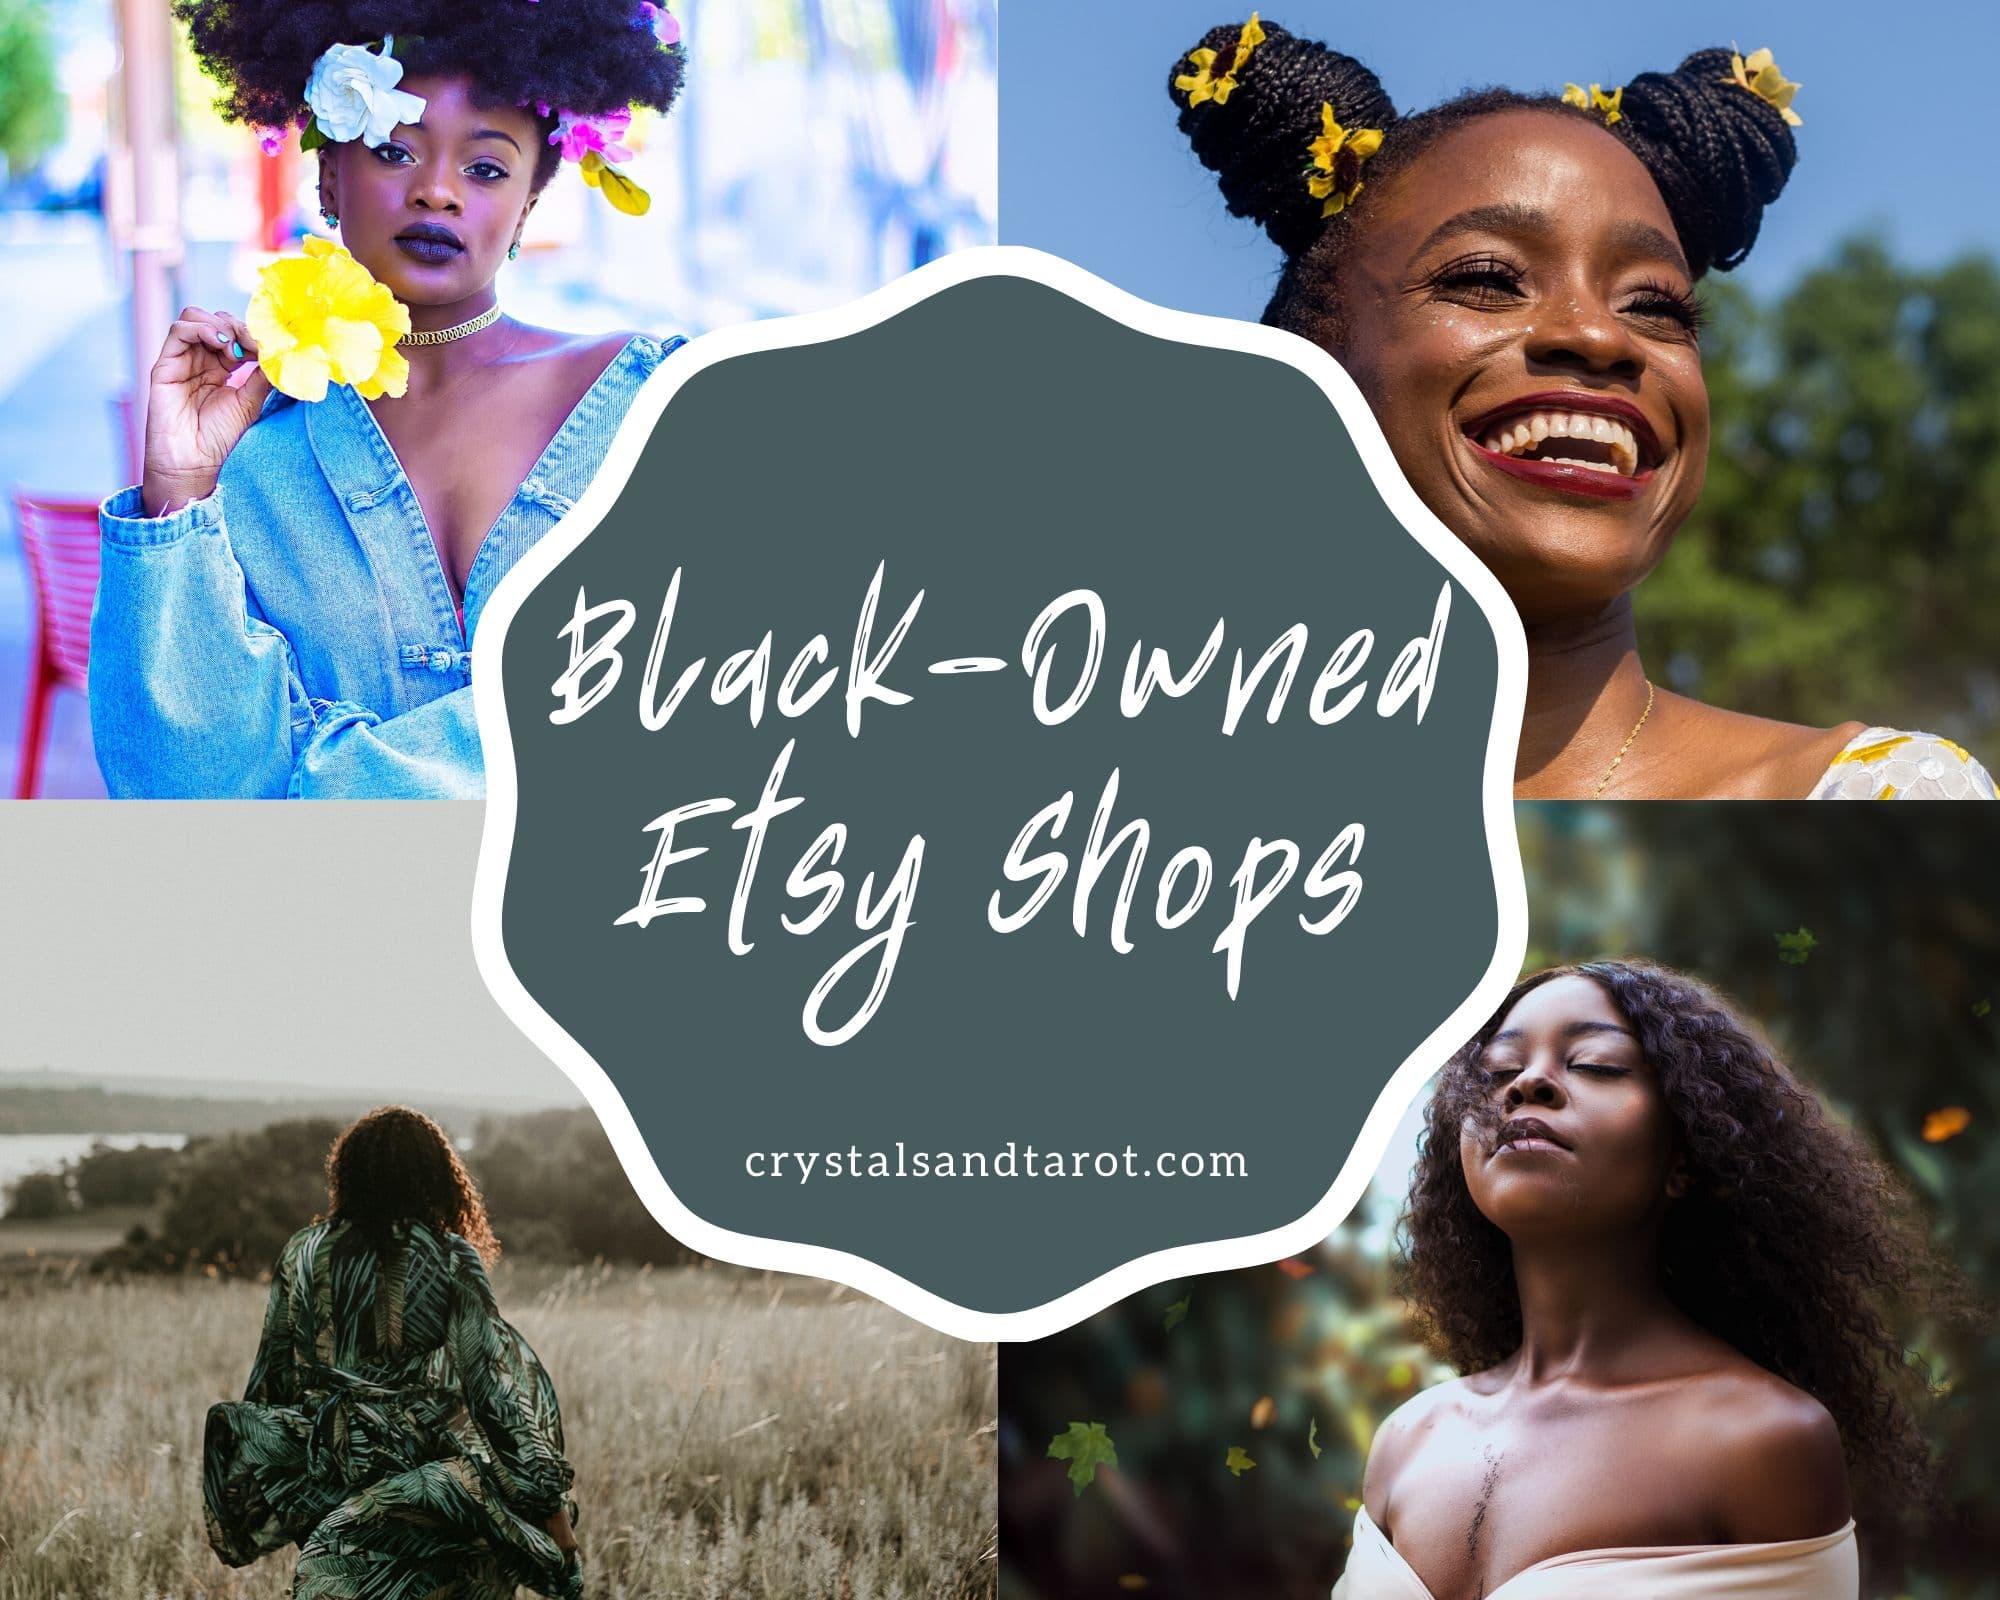 black owned etsy shops